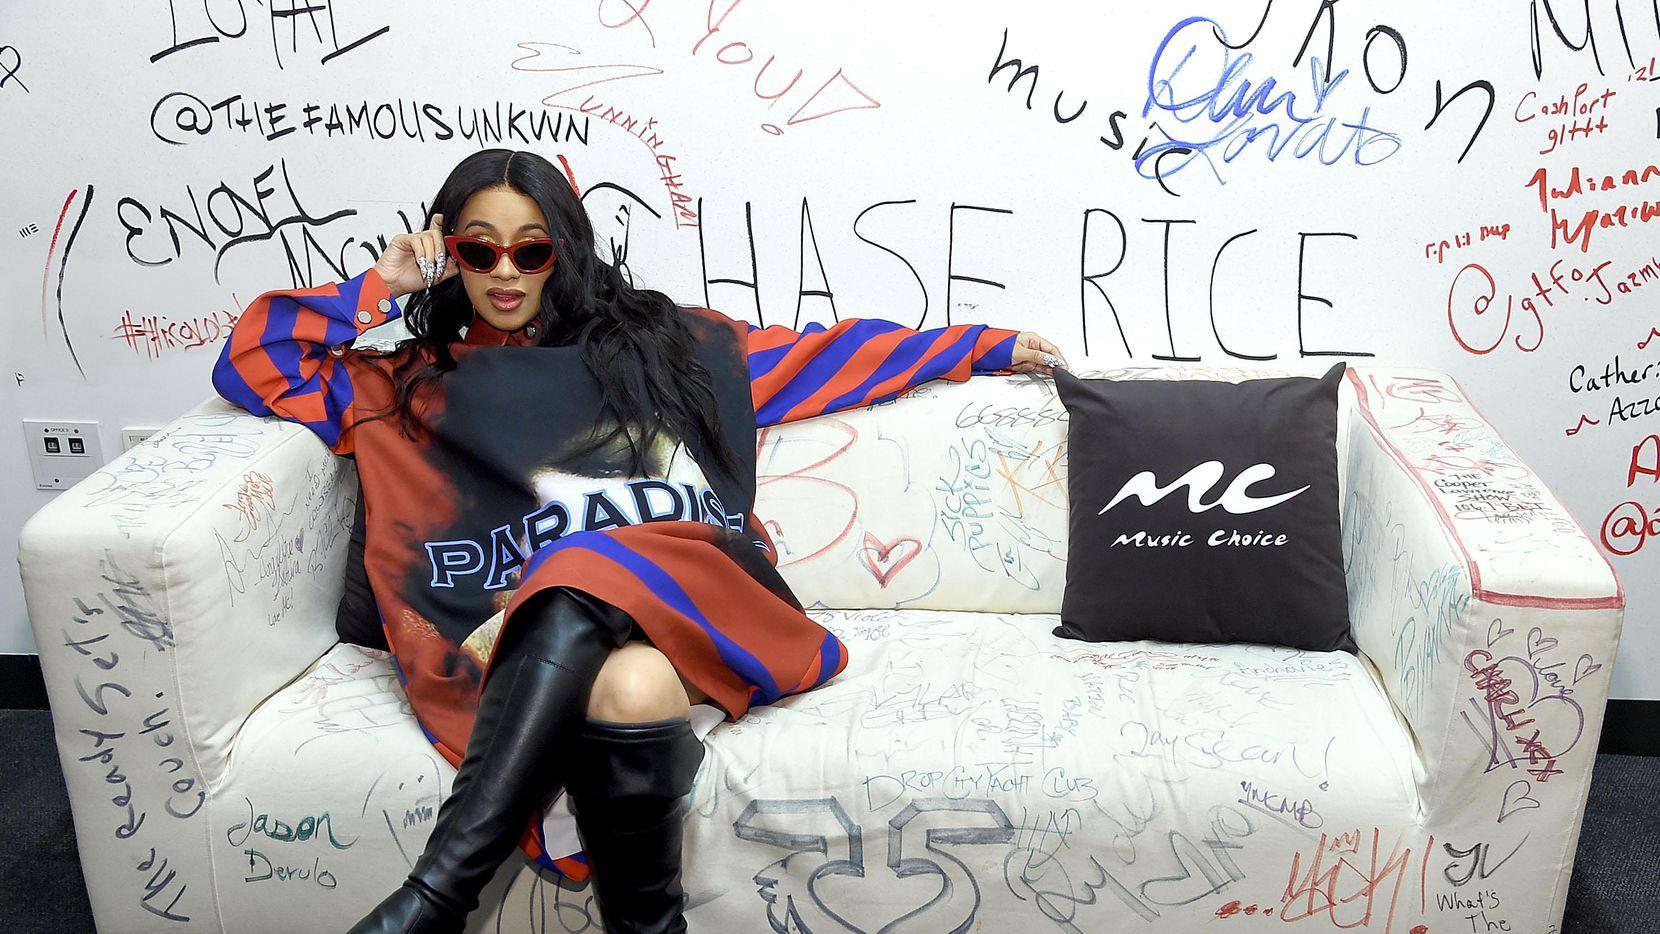 La rapera Cardi B ha hecho duetos con J Balvin y Bad Bunny. (Getty Images/Jamie McCarthy)